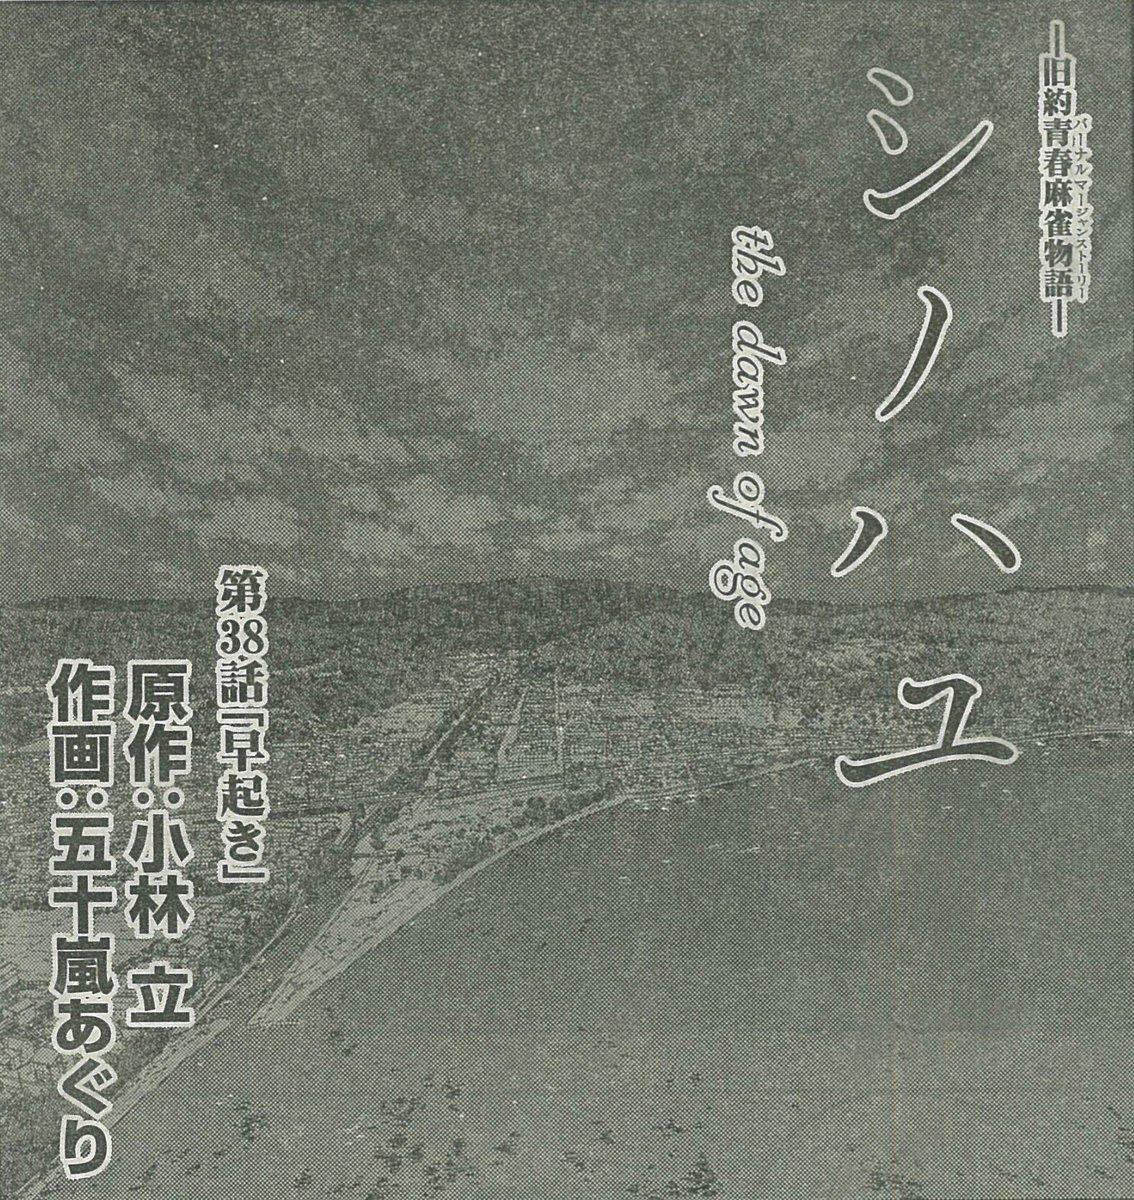 """【咲-saki-舞台探訪】シノハユ第38話「早起き」の扉絵を再現すべく、松江市玉湯町は湯町にある""""西灘公園""""から空撮にチ"""